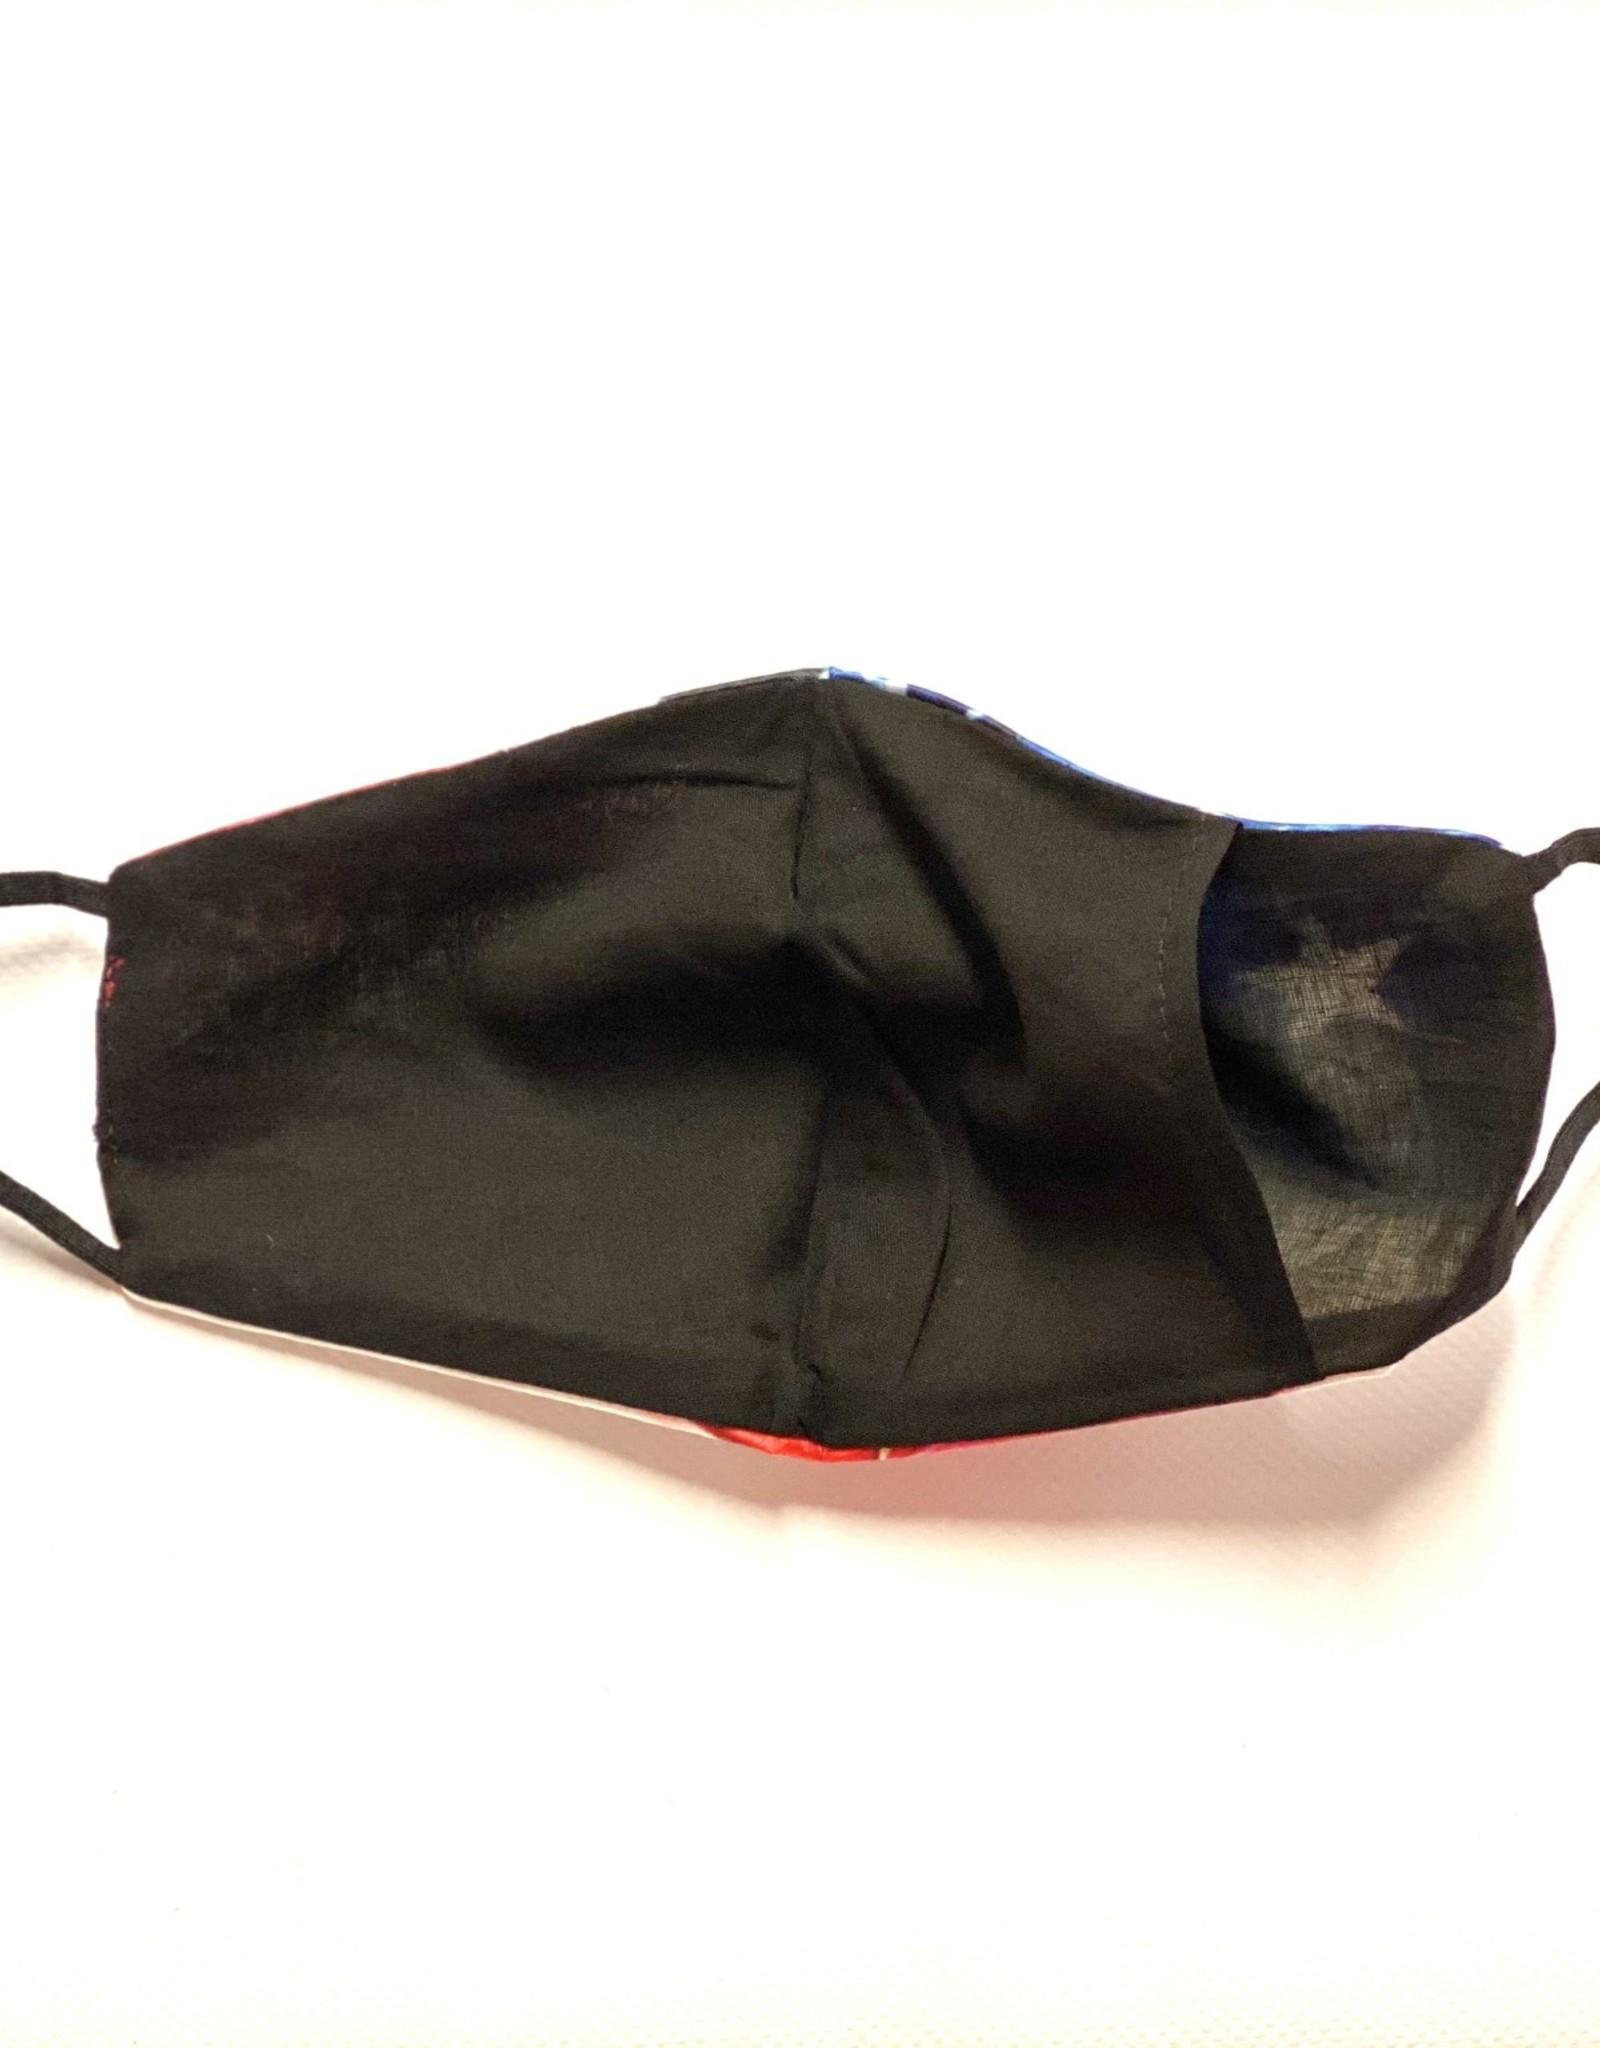 FACE MASK SATIN CLOTH W/ COTTON LINER FILTER POCKET WESTERN BLANKET PRINT